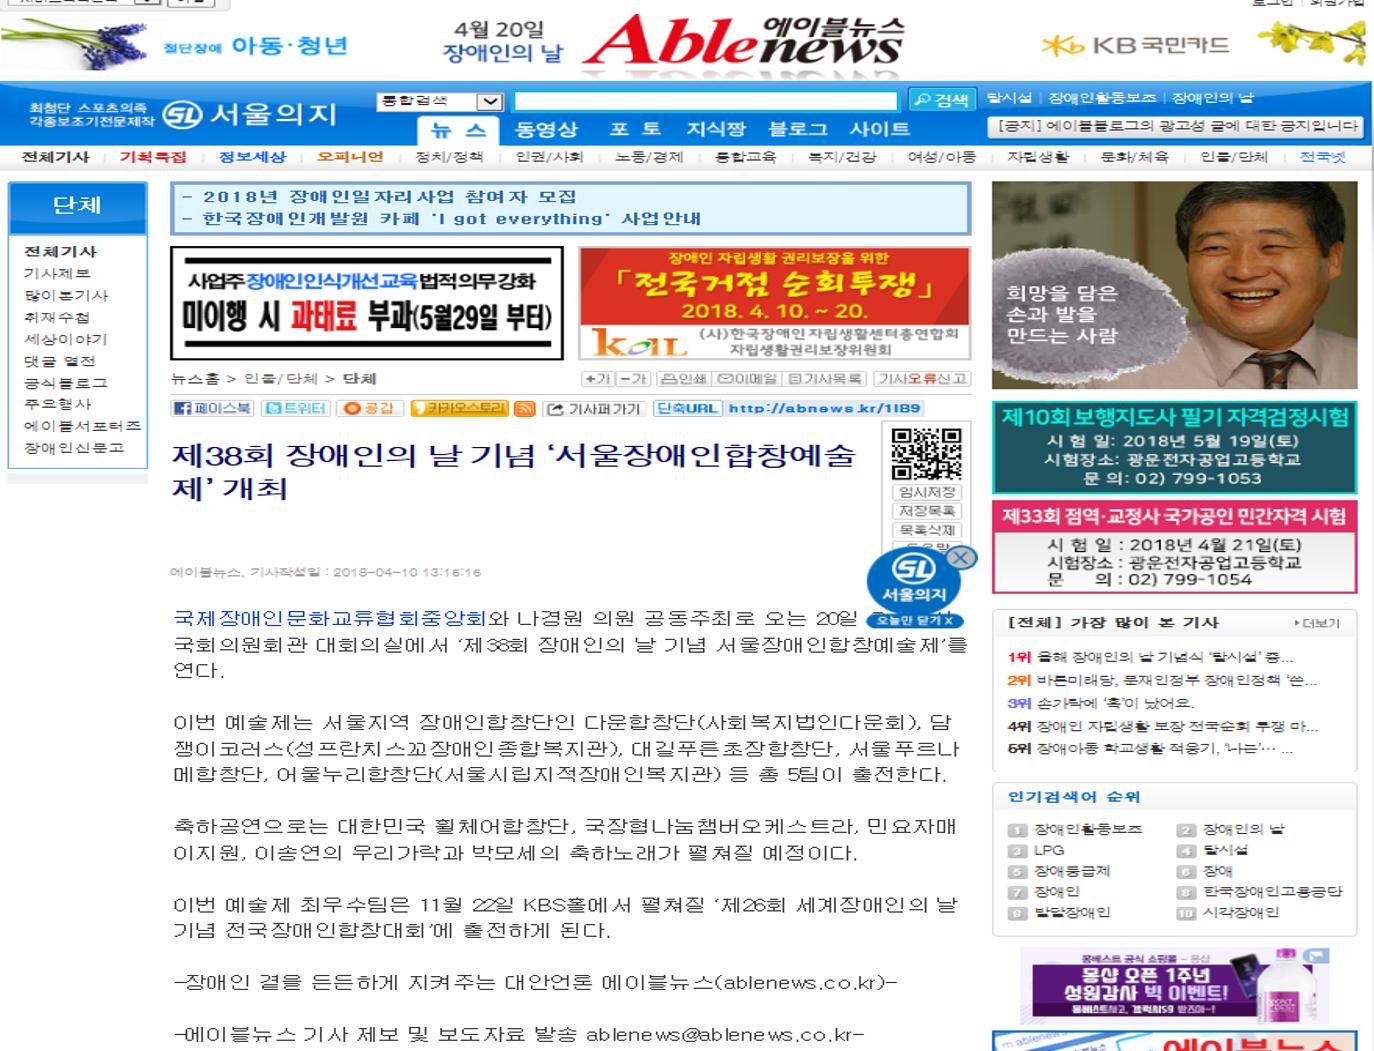 에이블뉴스 - 제38회 장애인의 날 기념 '서울장애인합창예술제' 개최.png